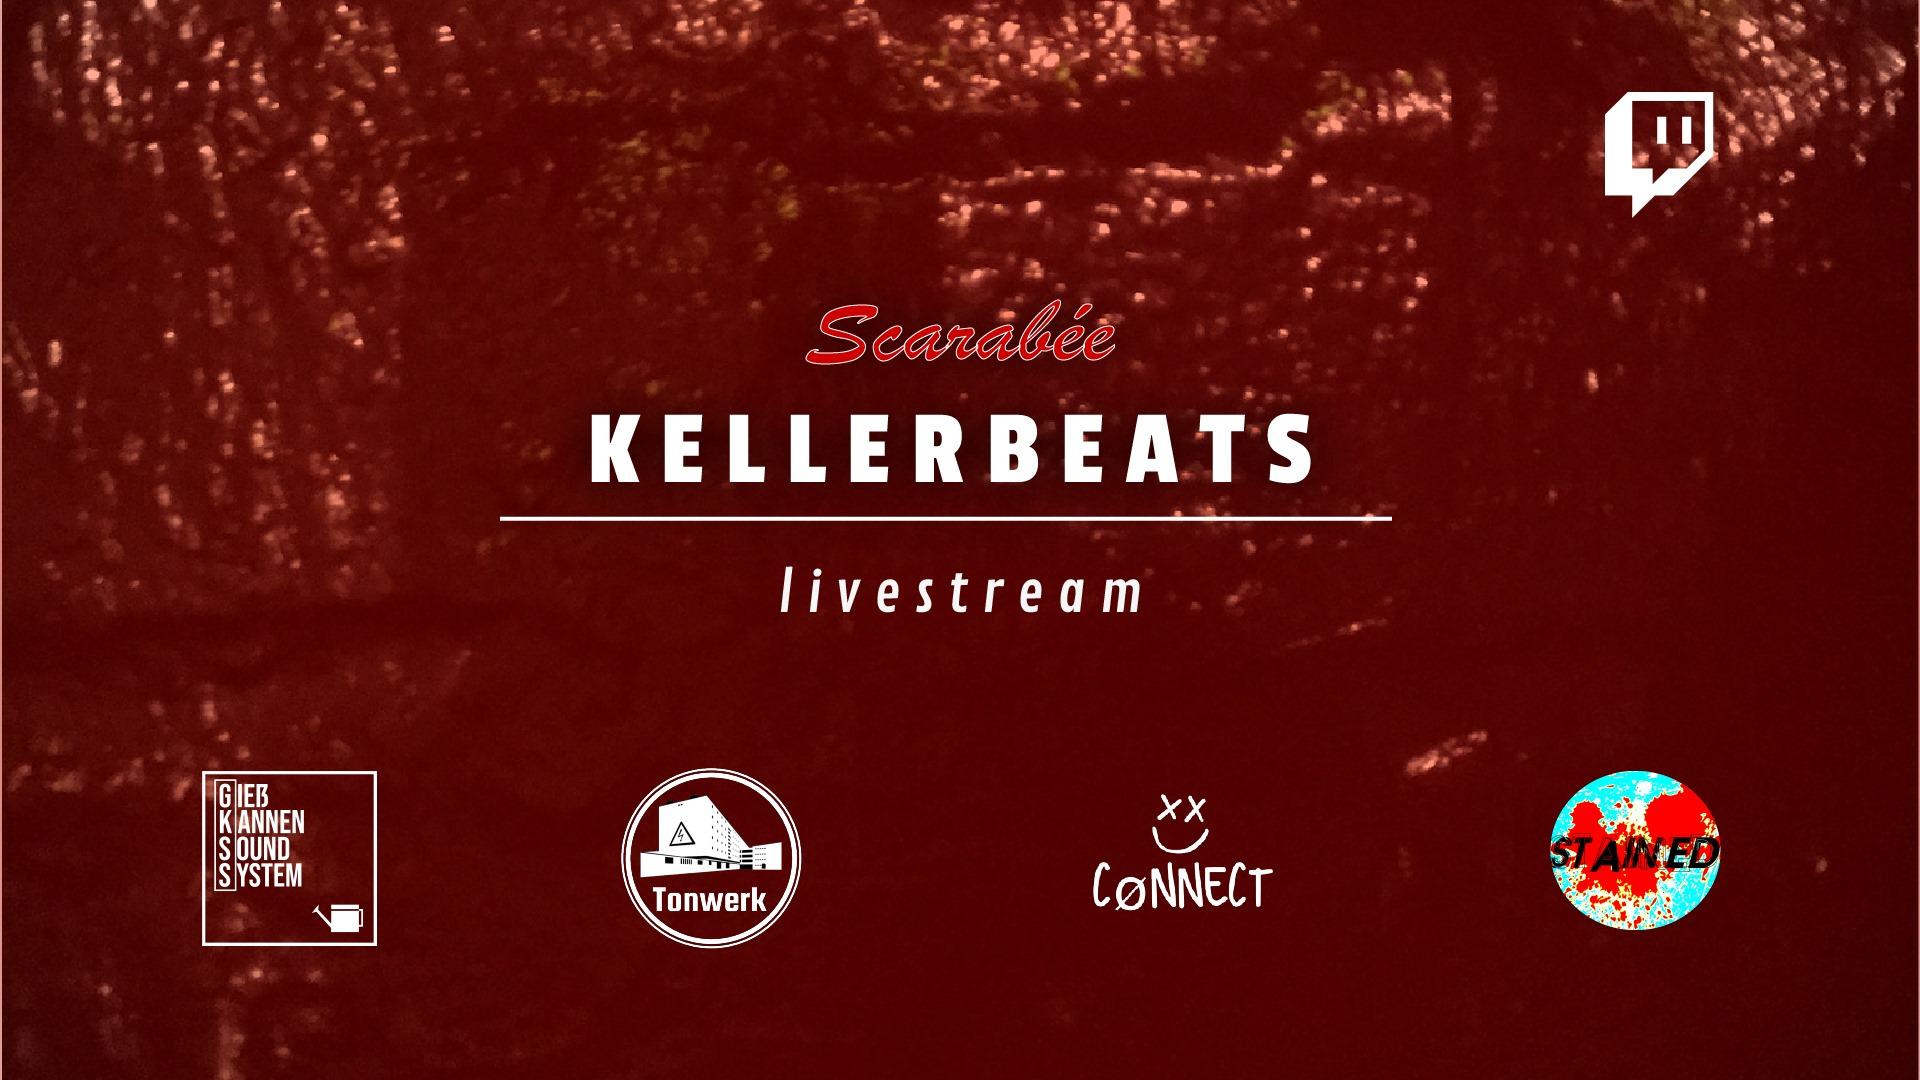 Kellerbeats Livestream